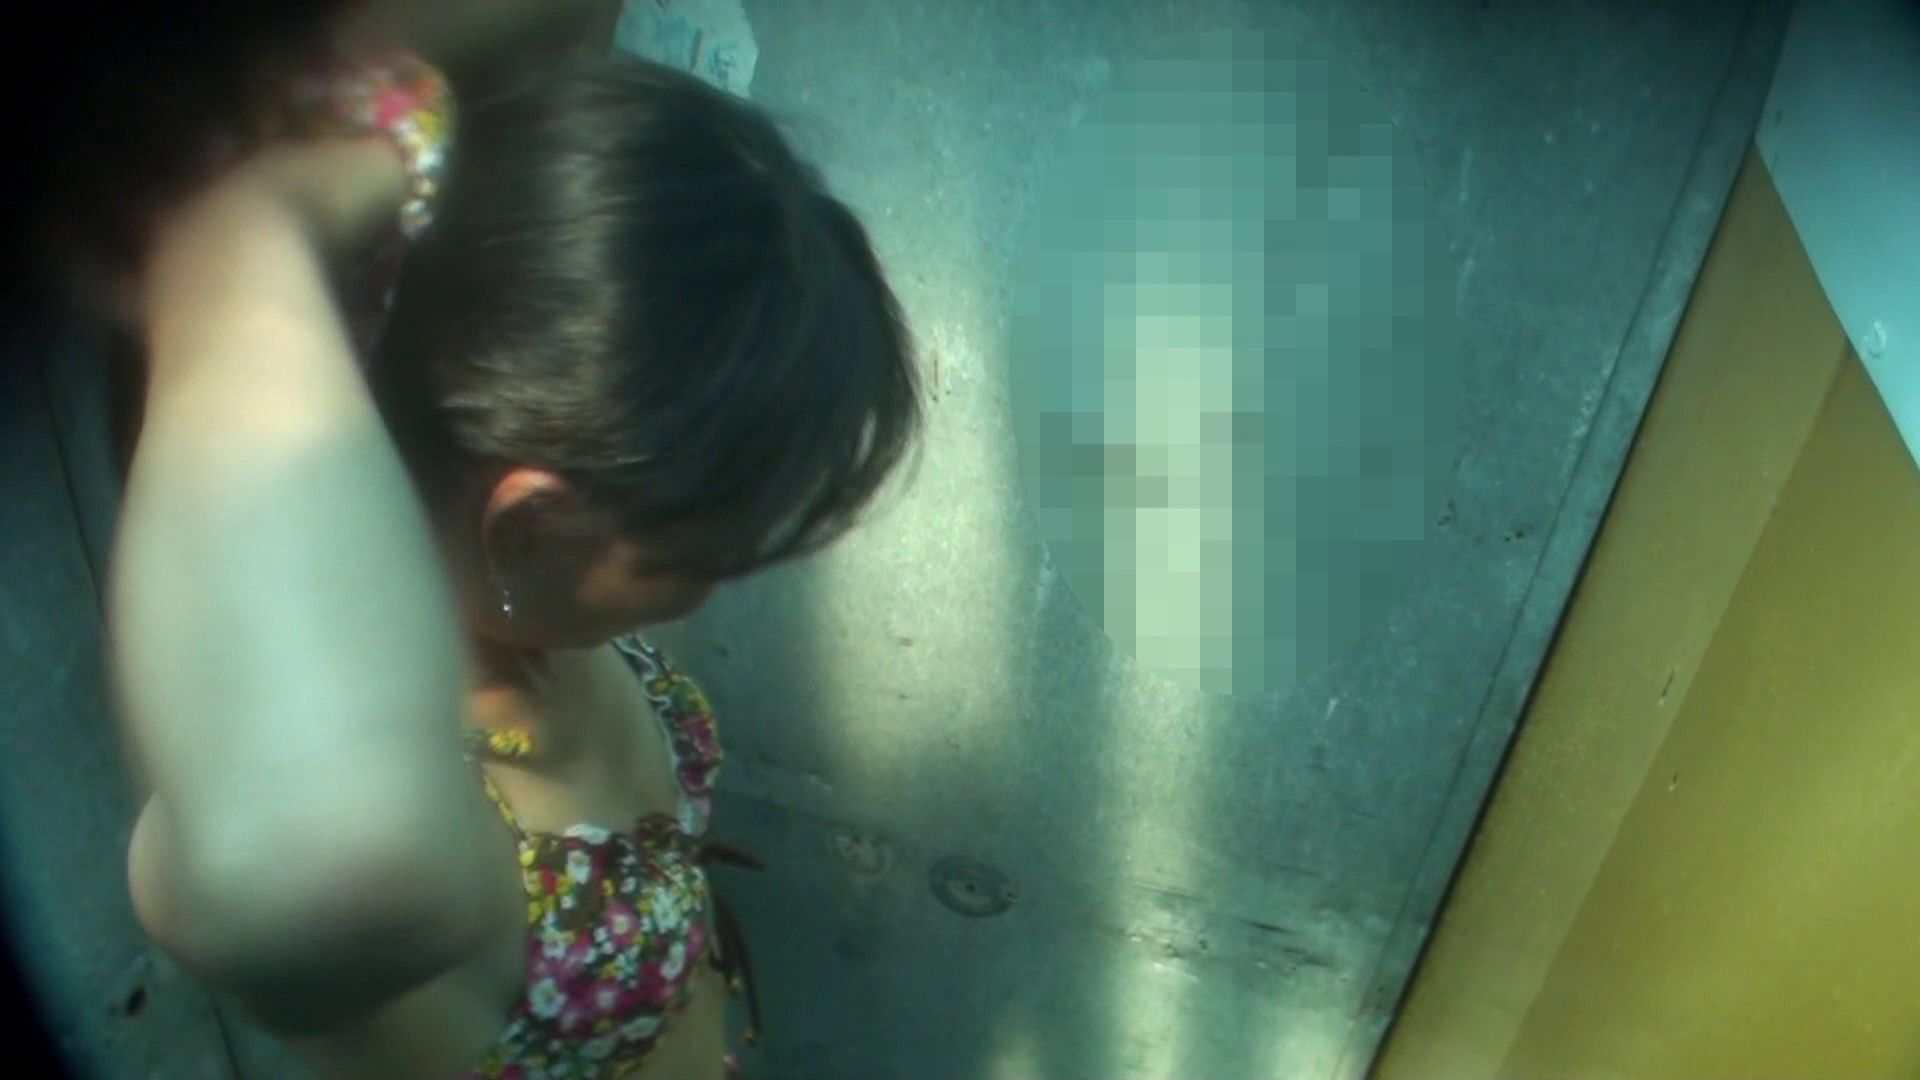 シャワールームは超!!危険な香りVol.16 意外に乳首は年増のそれ 乳首  61pic 40